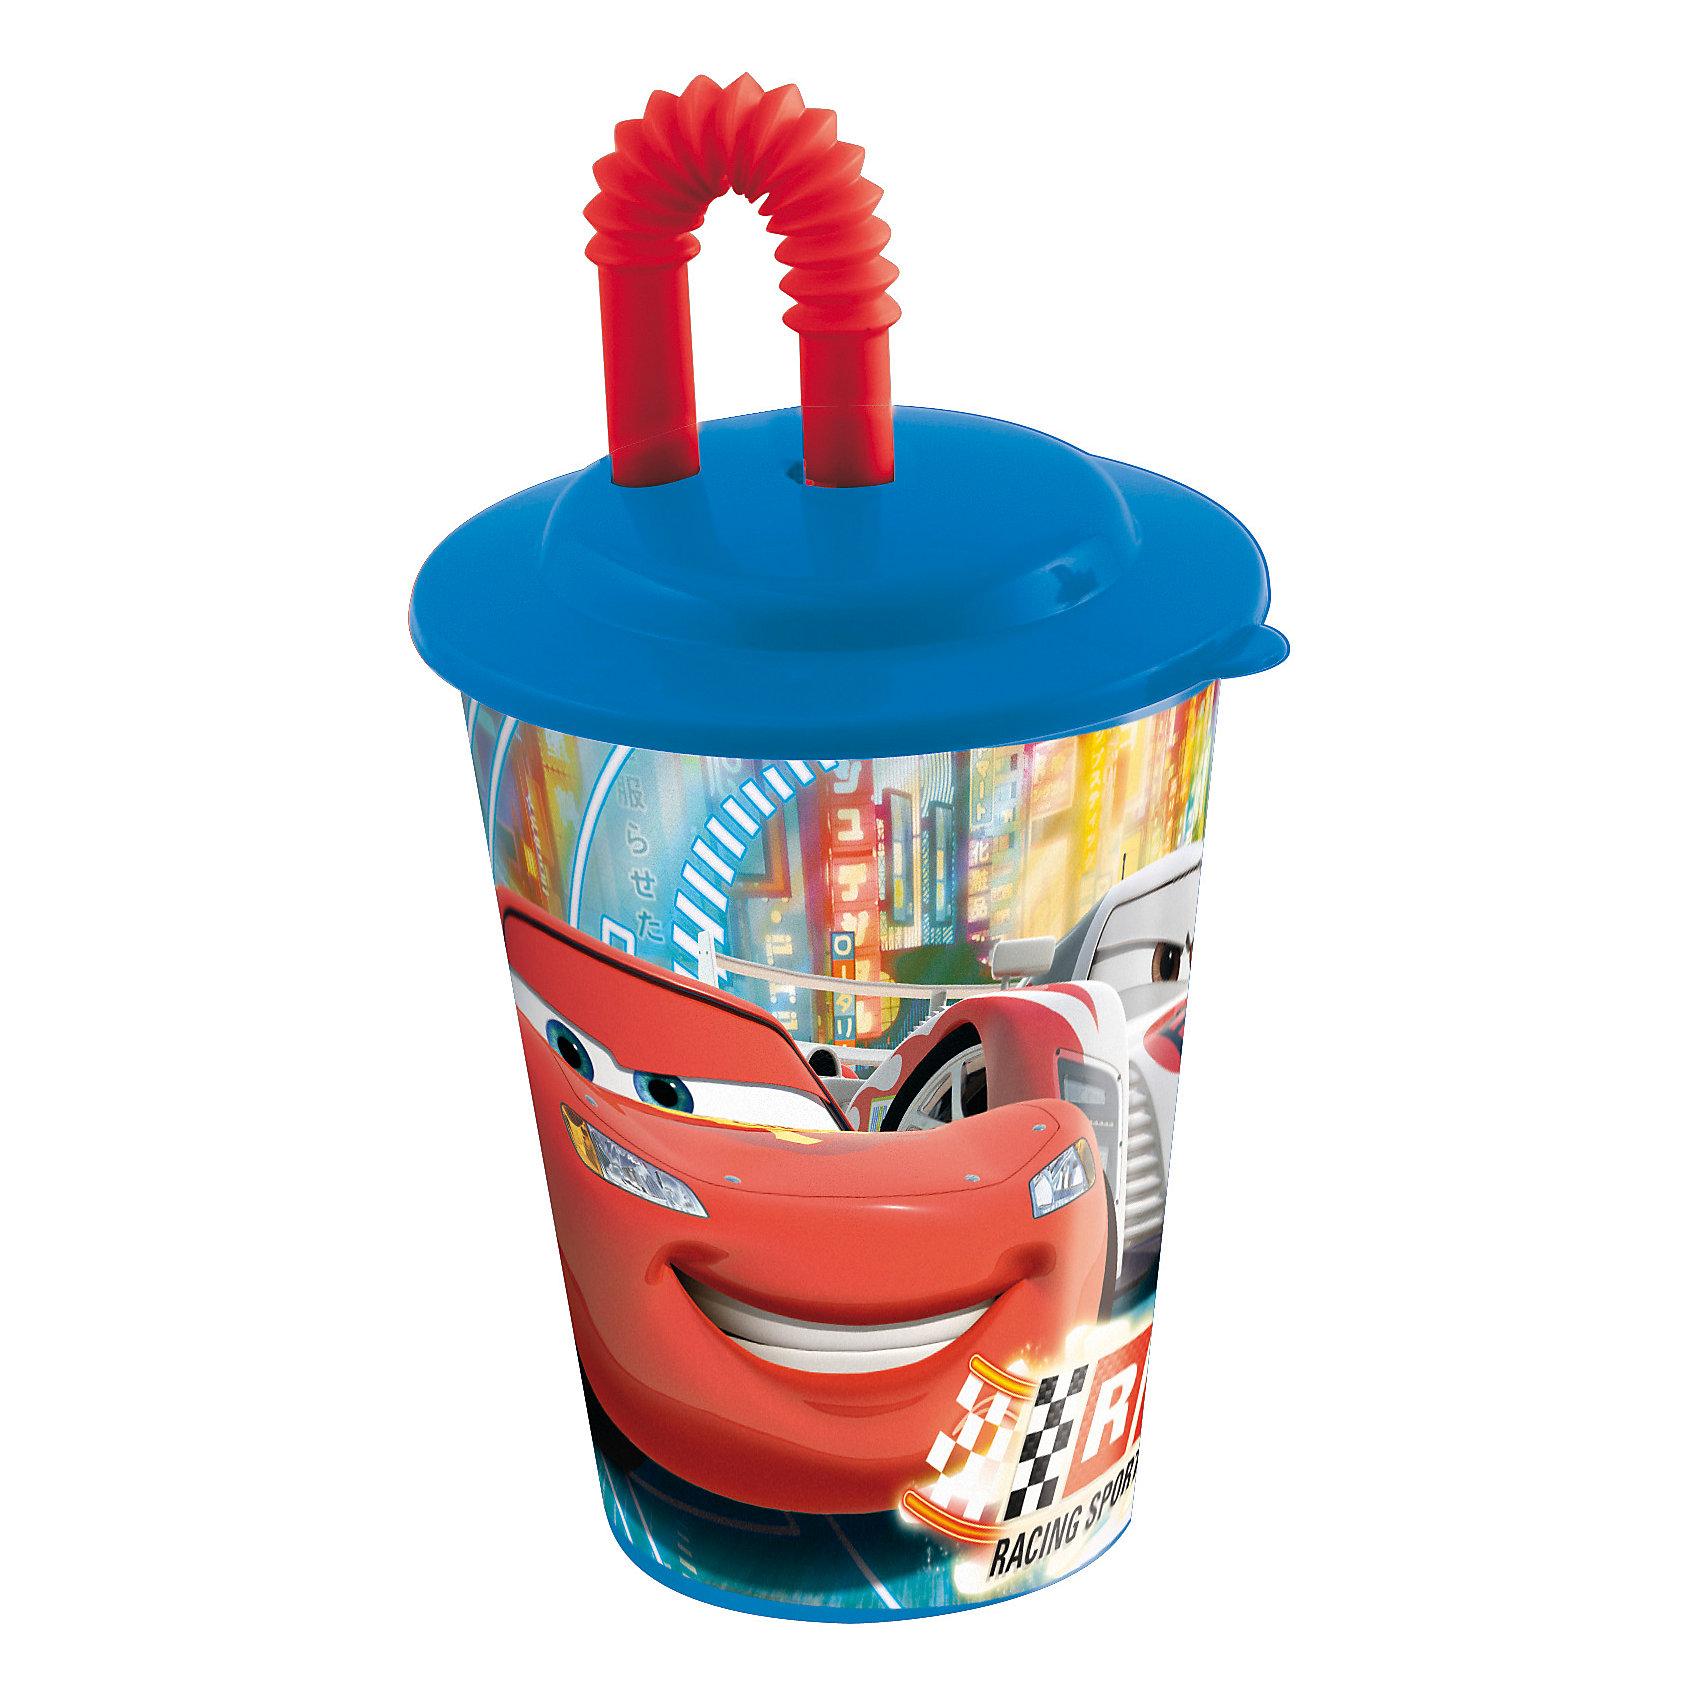 Стакан с крышкой и трубочкой, 450 мл, ТачкиБутылки для воды и бутербродницы<br>Стакан с изображением любимых героев обязательно понравится детям. Пить из него приятнее вдвойне! Стакан имеет удобную крышку, исключающую проливание и гибкую трубочку, выполнен из высококачественного экологичного пищевого пластика. Пластиковая посуда - практичная и безопасная, ее можно брать с собой куда угодно, не беспокоясь, что она может разбиться и поранить ребенка.   <br><br>Дополнительная информация:<br><br>- Материал: пластик.<br>- Объем: 450 мл.<br><br>Стакан с крышкой и трубочкой, 450 мл, Тачки (Cars), можно купить в нашем магазине.<br><br>Ширина мм: 95<br>Глубина мм: 95<br>Высота мм: 180<br>Вес г: 75<br>Возраст от месяцев: 36<br>Возраст до месяцев: 144<br>Пол: Мужской<br>Возраст: Детский<br>SKU: 4761393